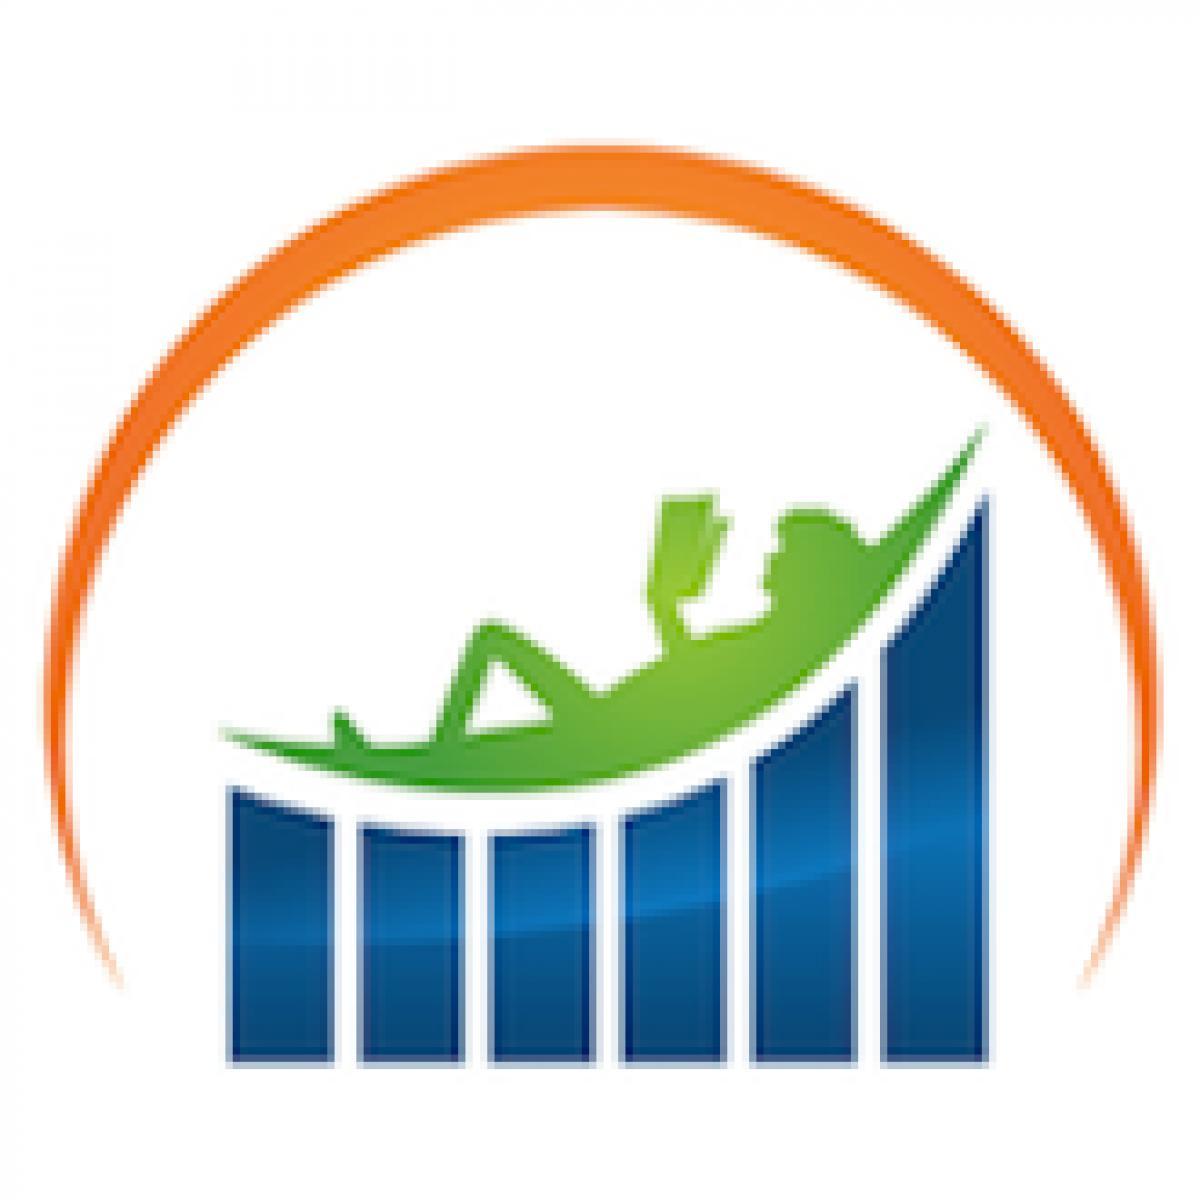 Kiva Lending Team: TPI MICROFINANCE.